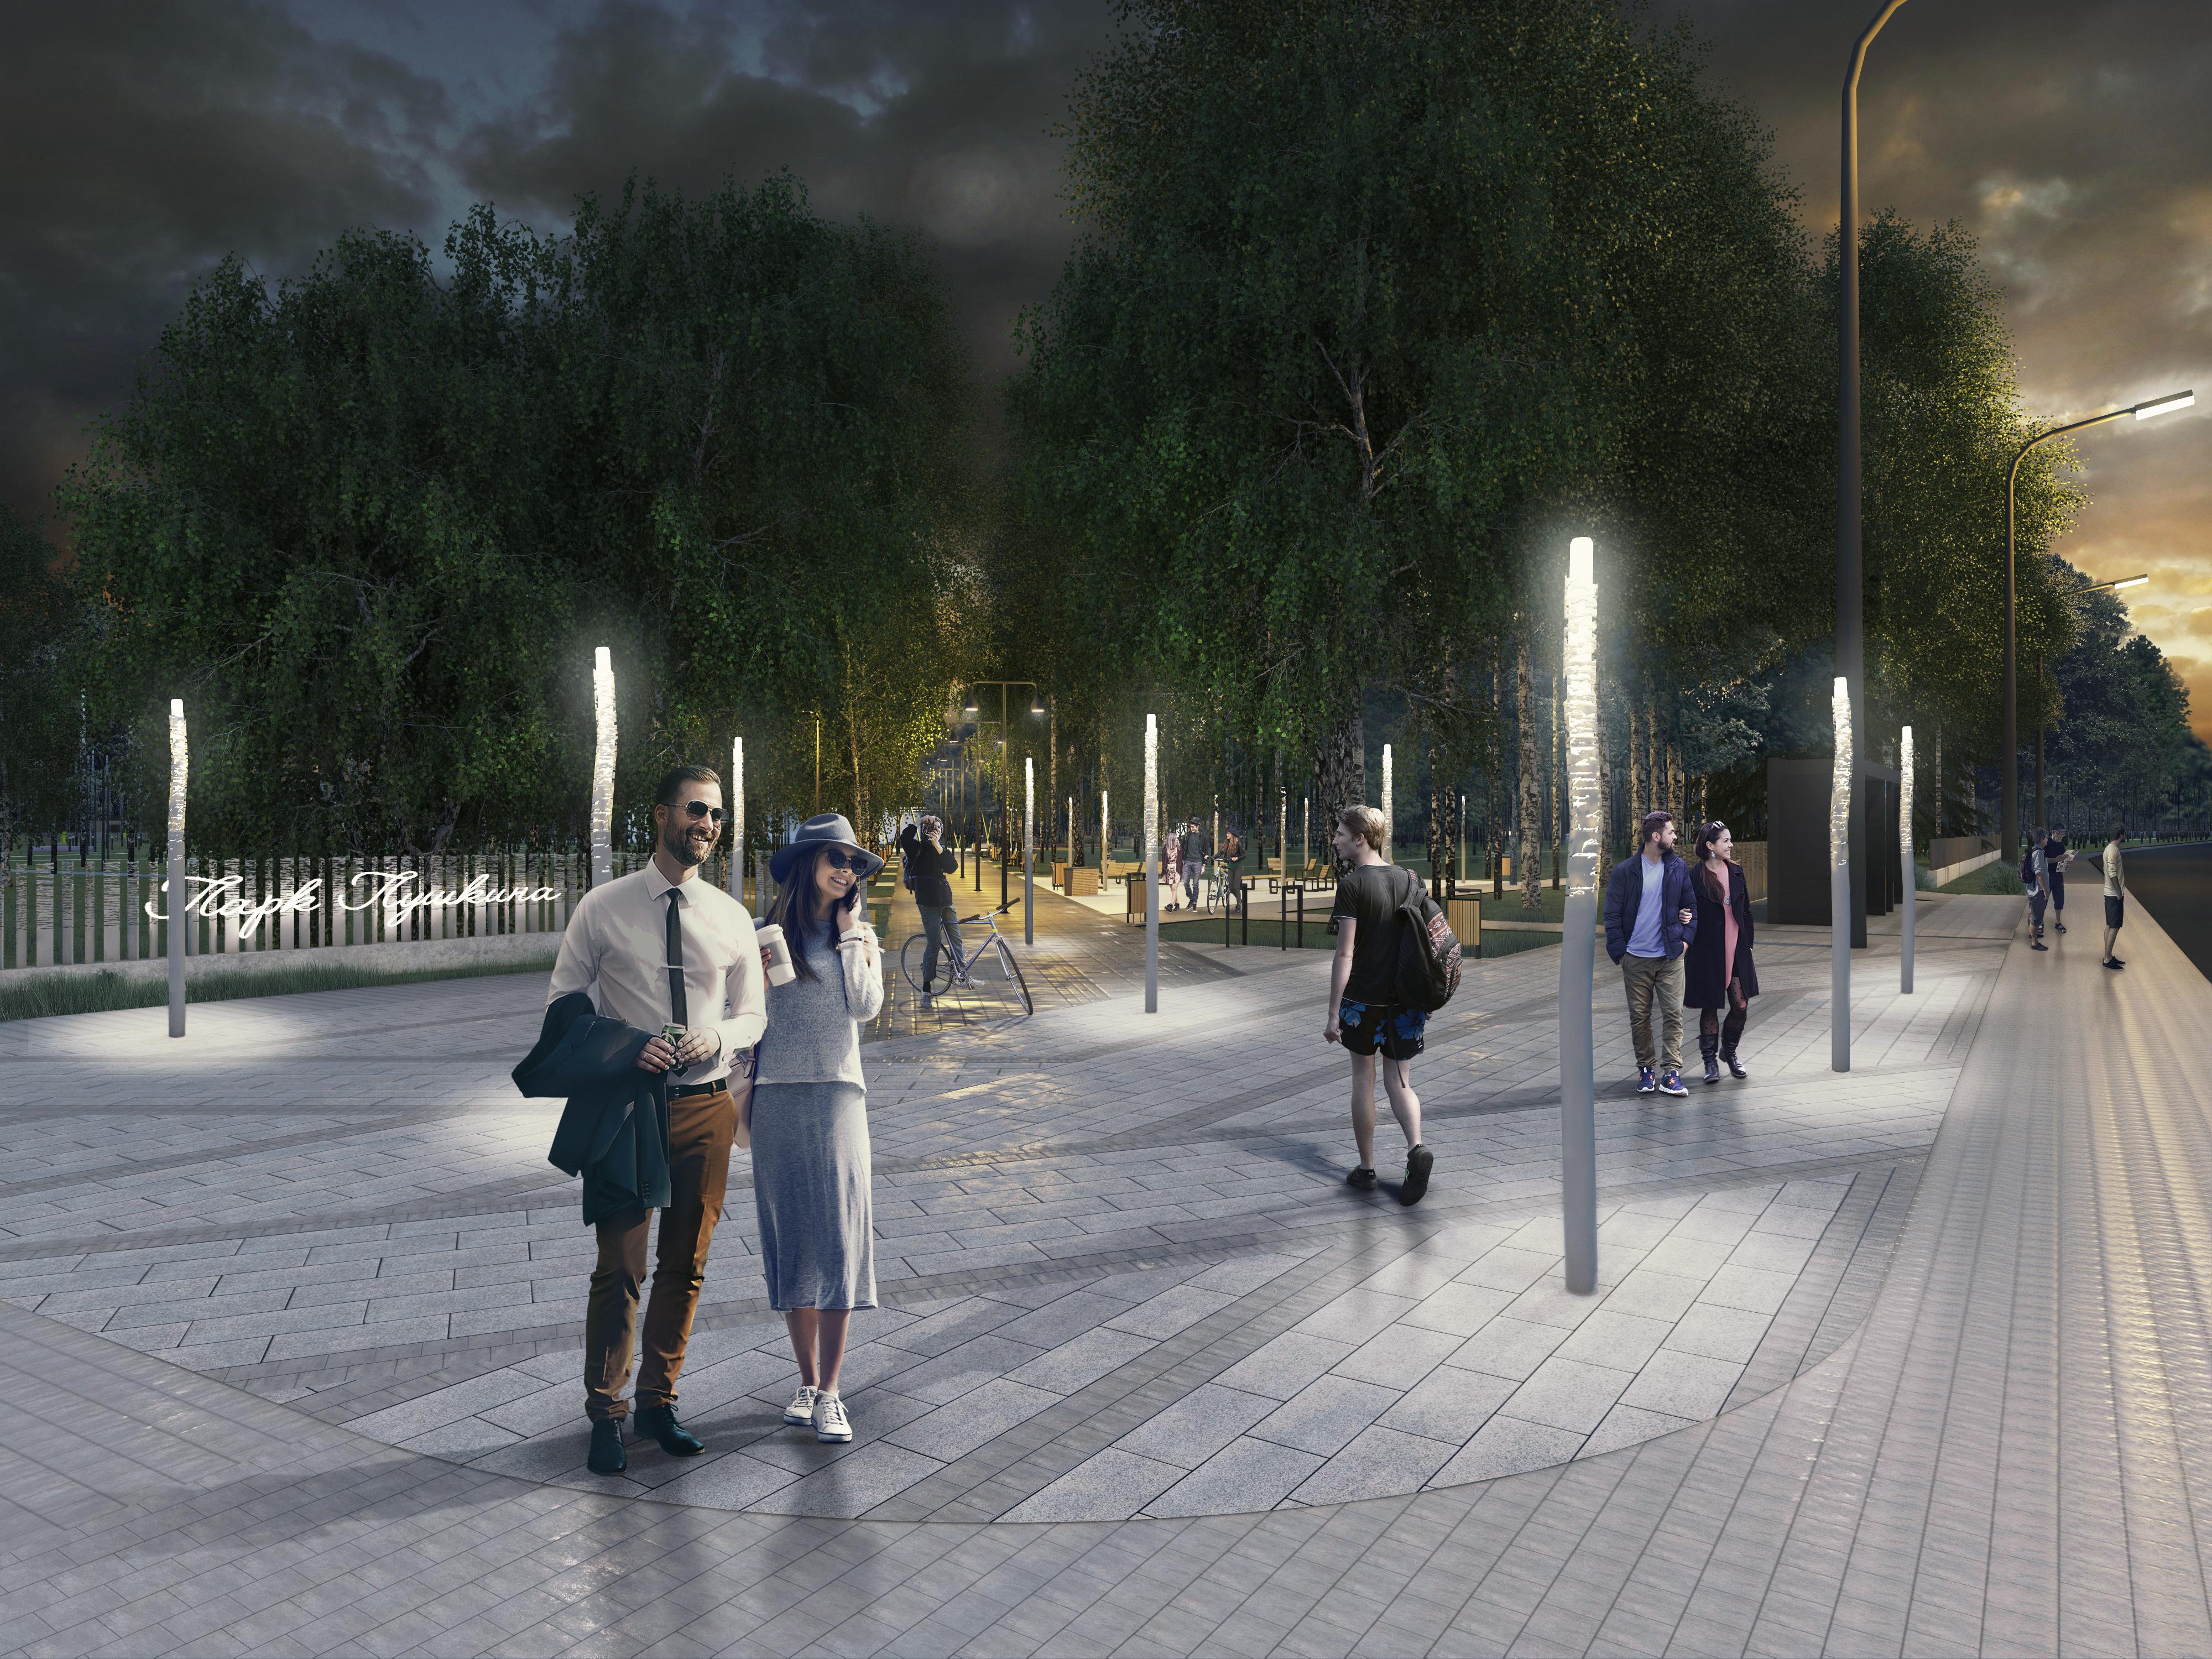 Концепция благоустройства парка имени А.С.Пушкина в Нижнем Новгороде - фото 1